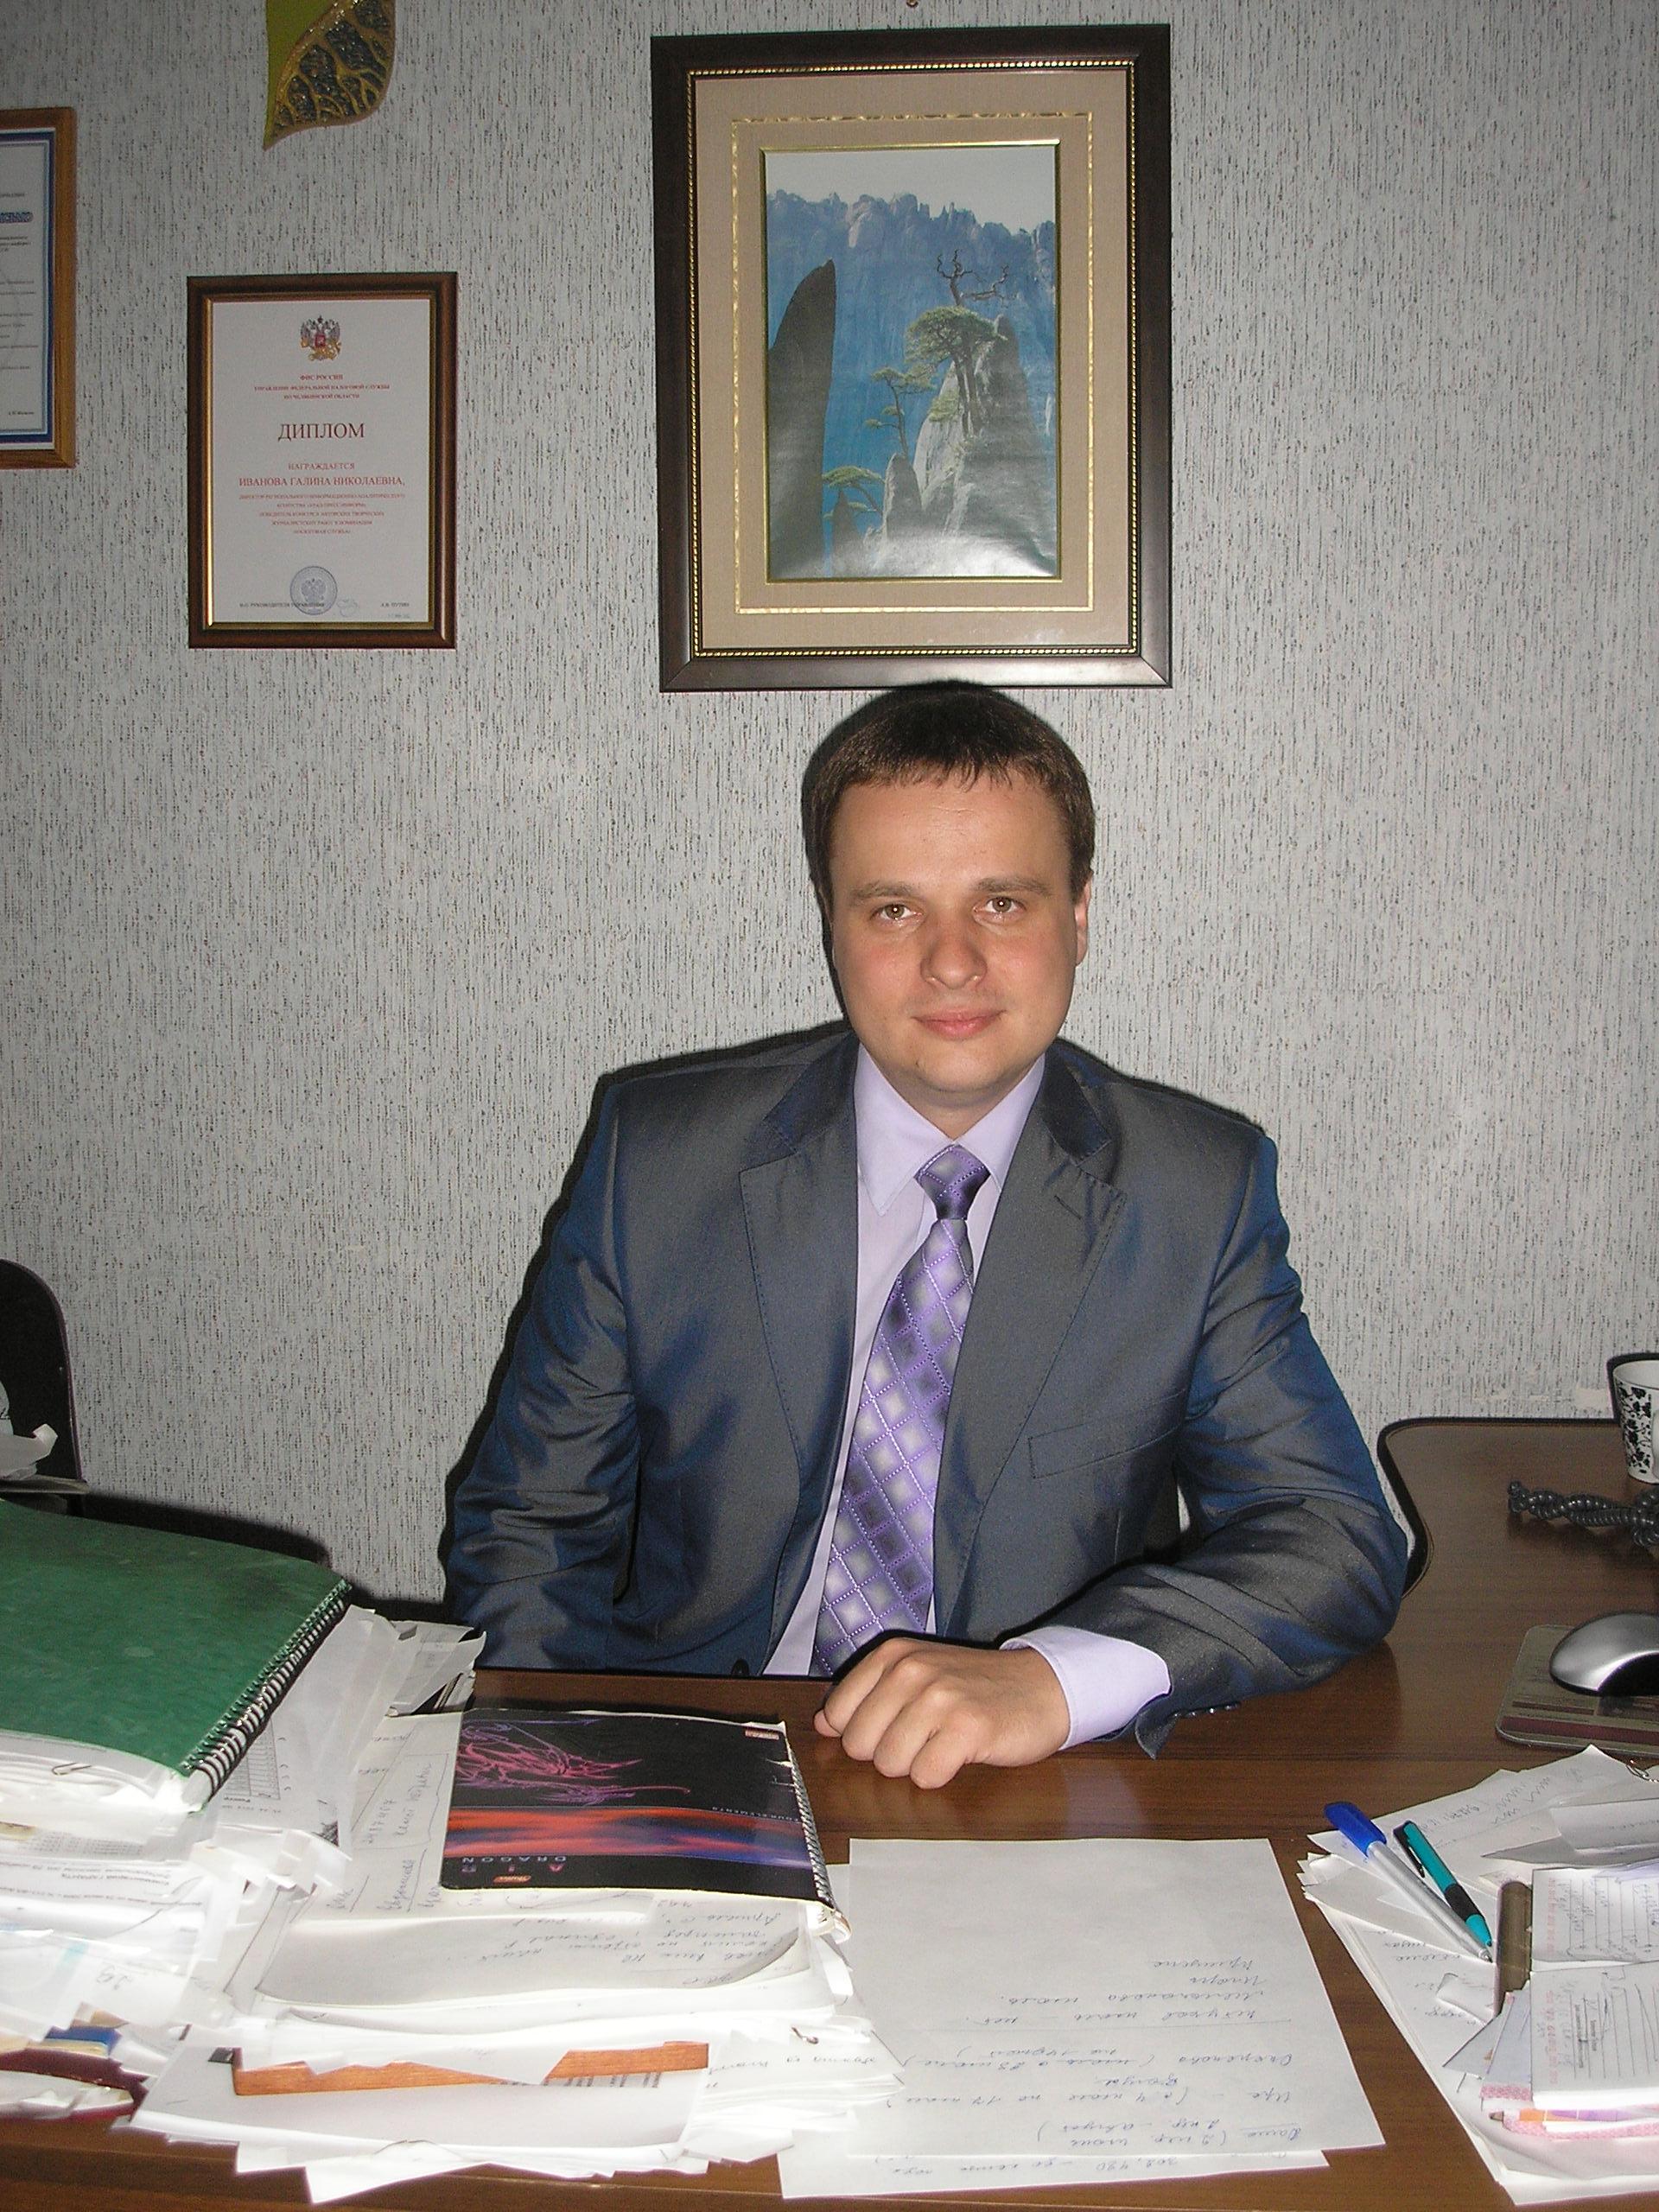 В октябре 2011 года Губернатор Челябинской области Михаил Юревич принял решение о создании област